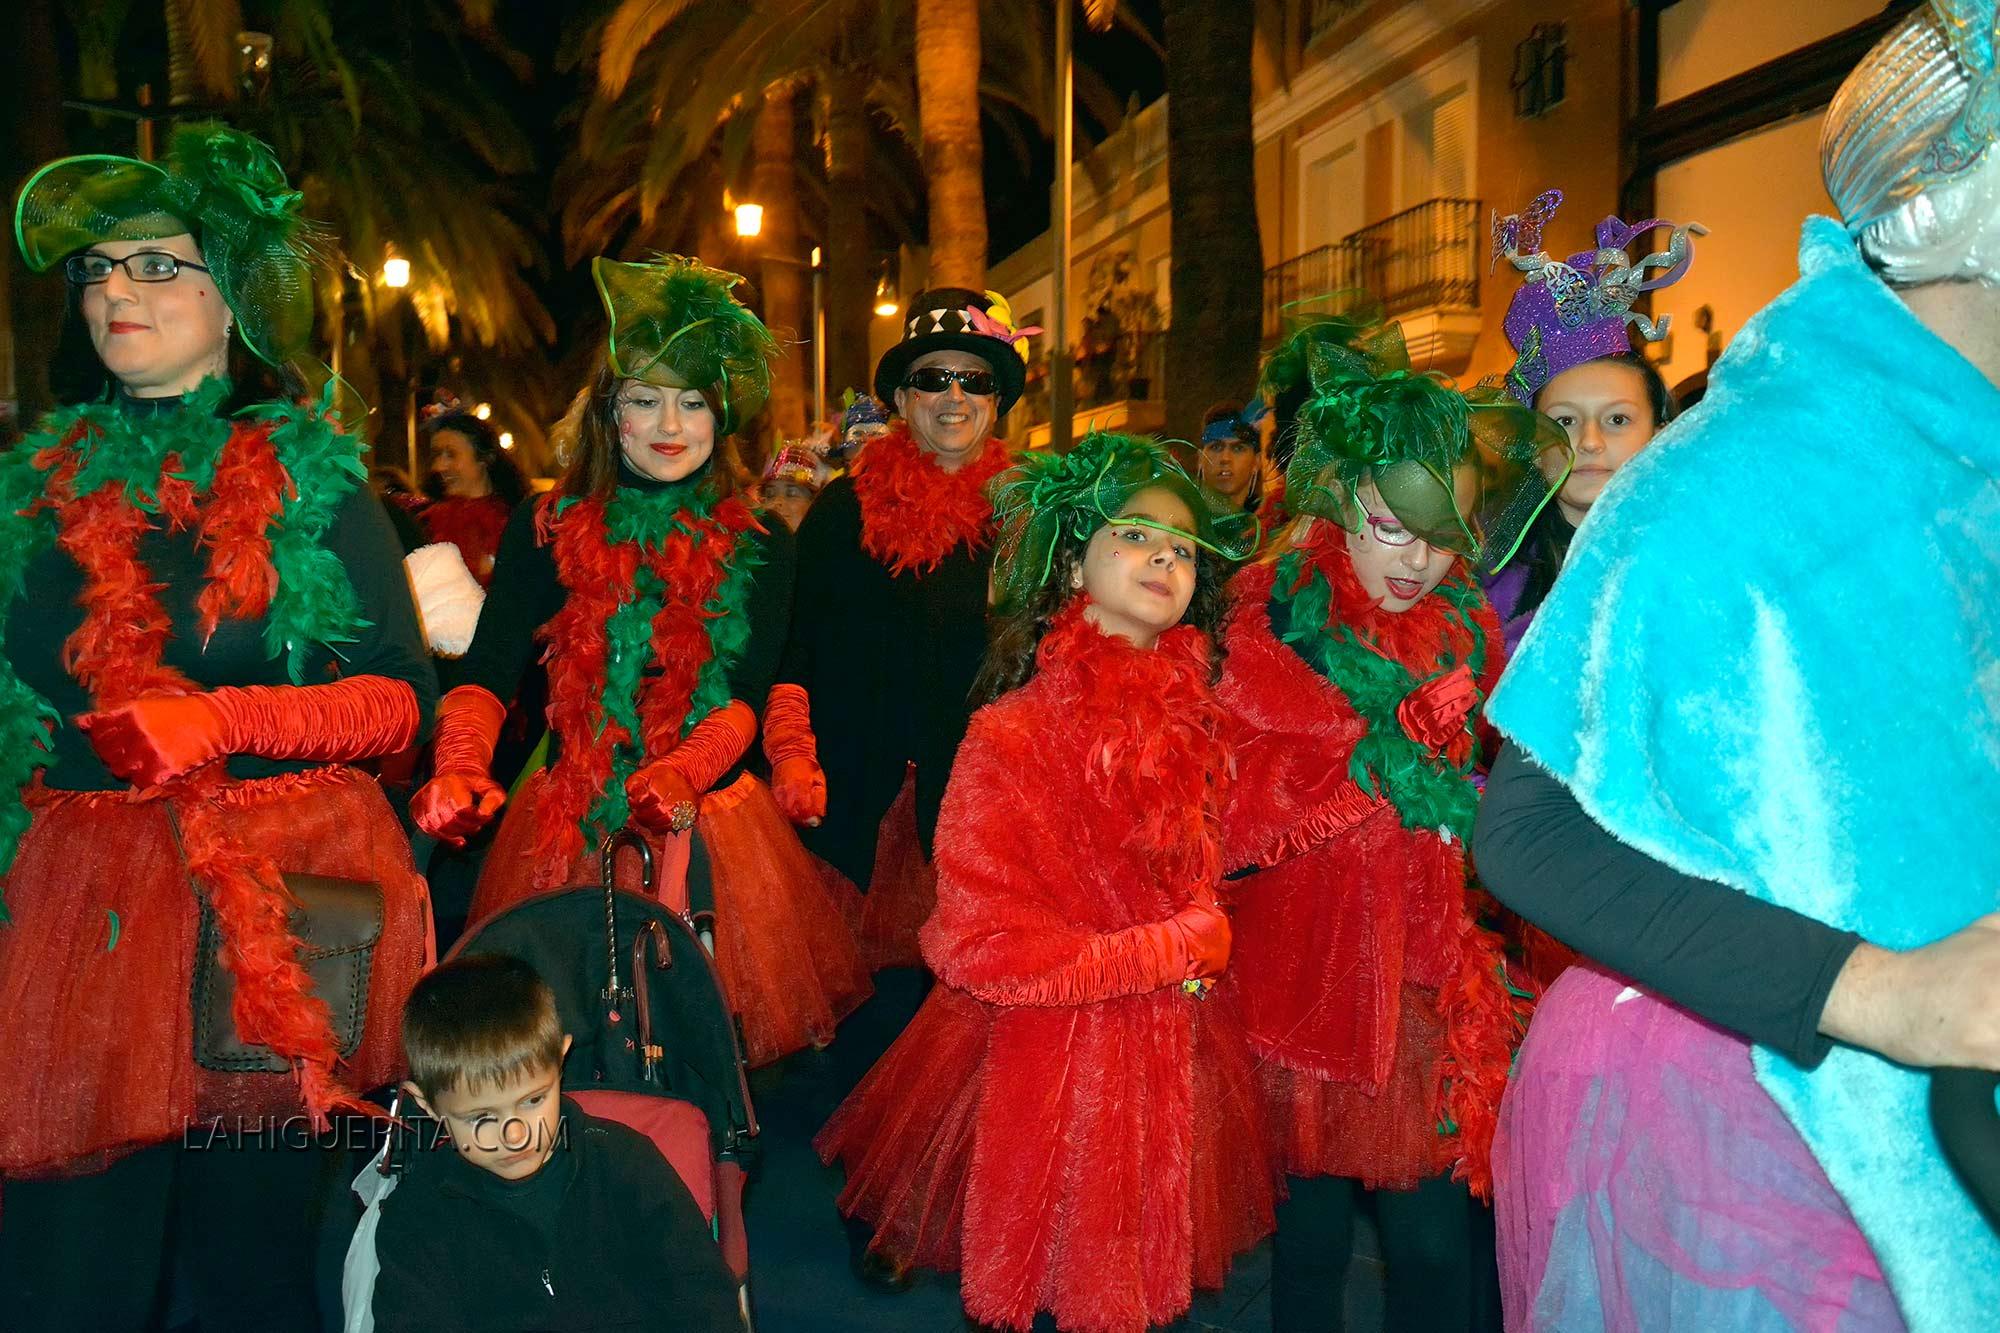 Entierro de la sardina carnaval isla cristina _DSC2072